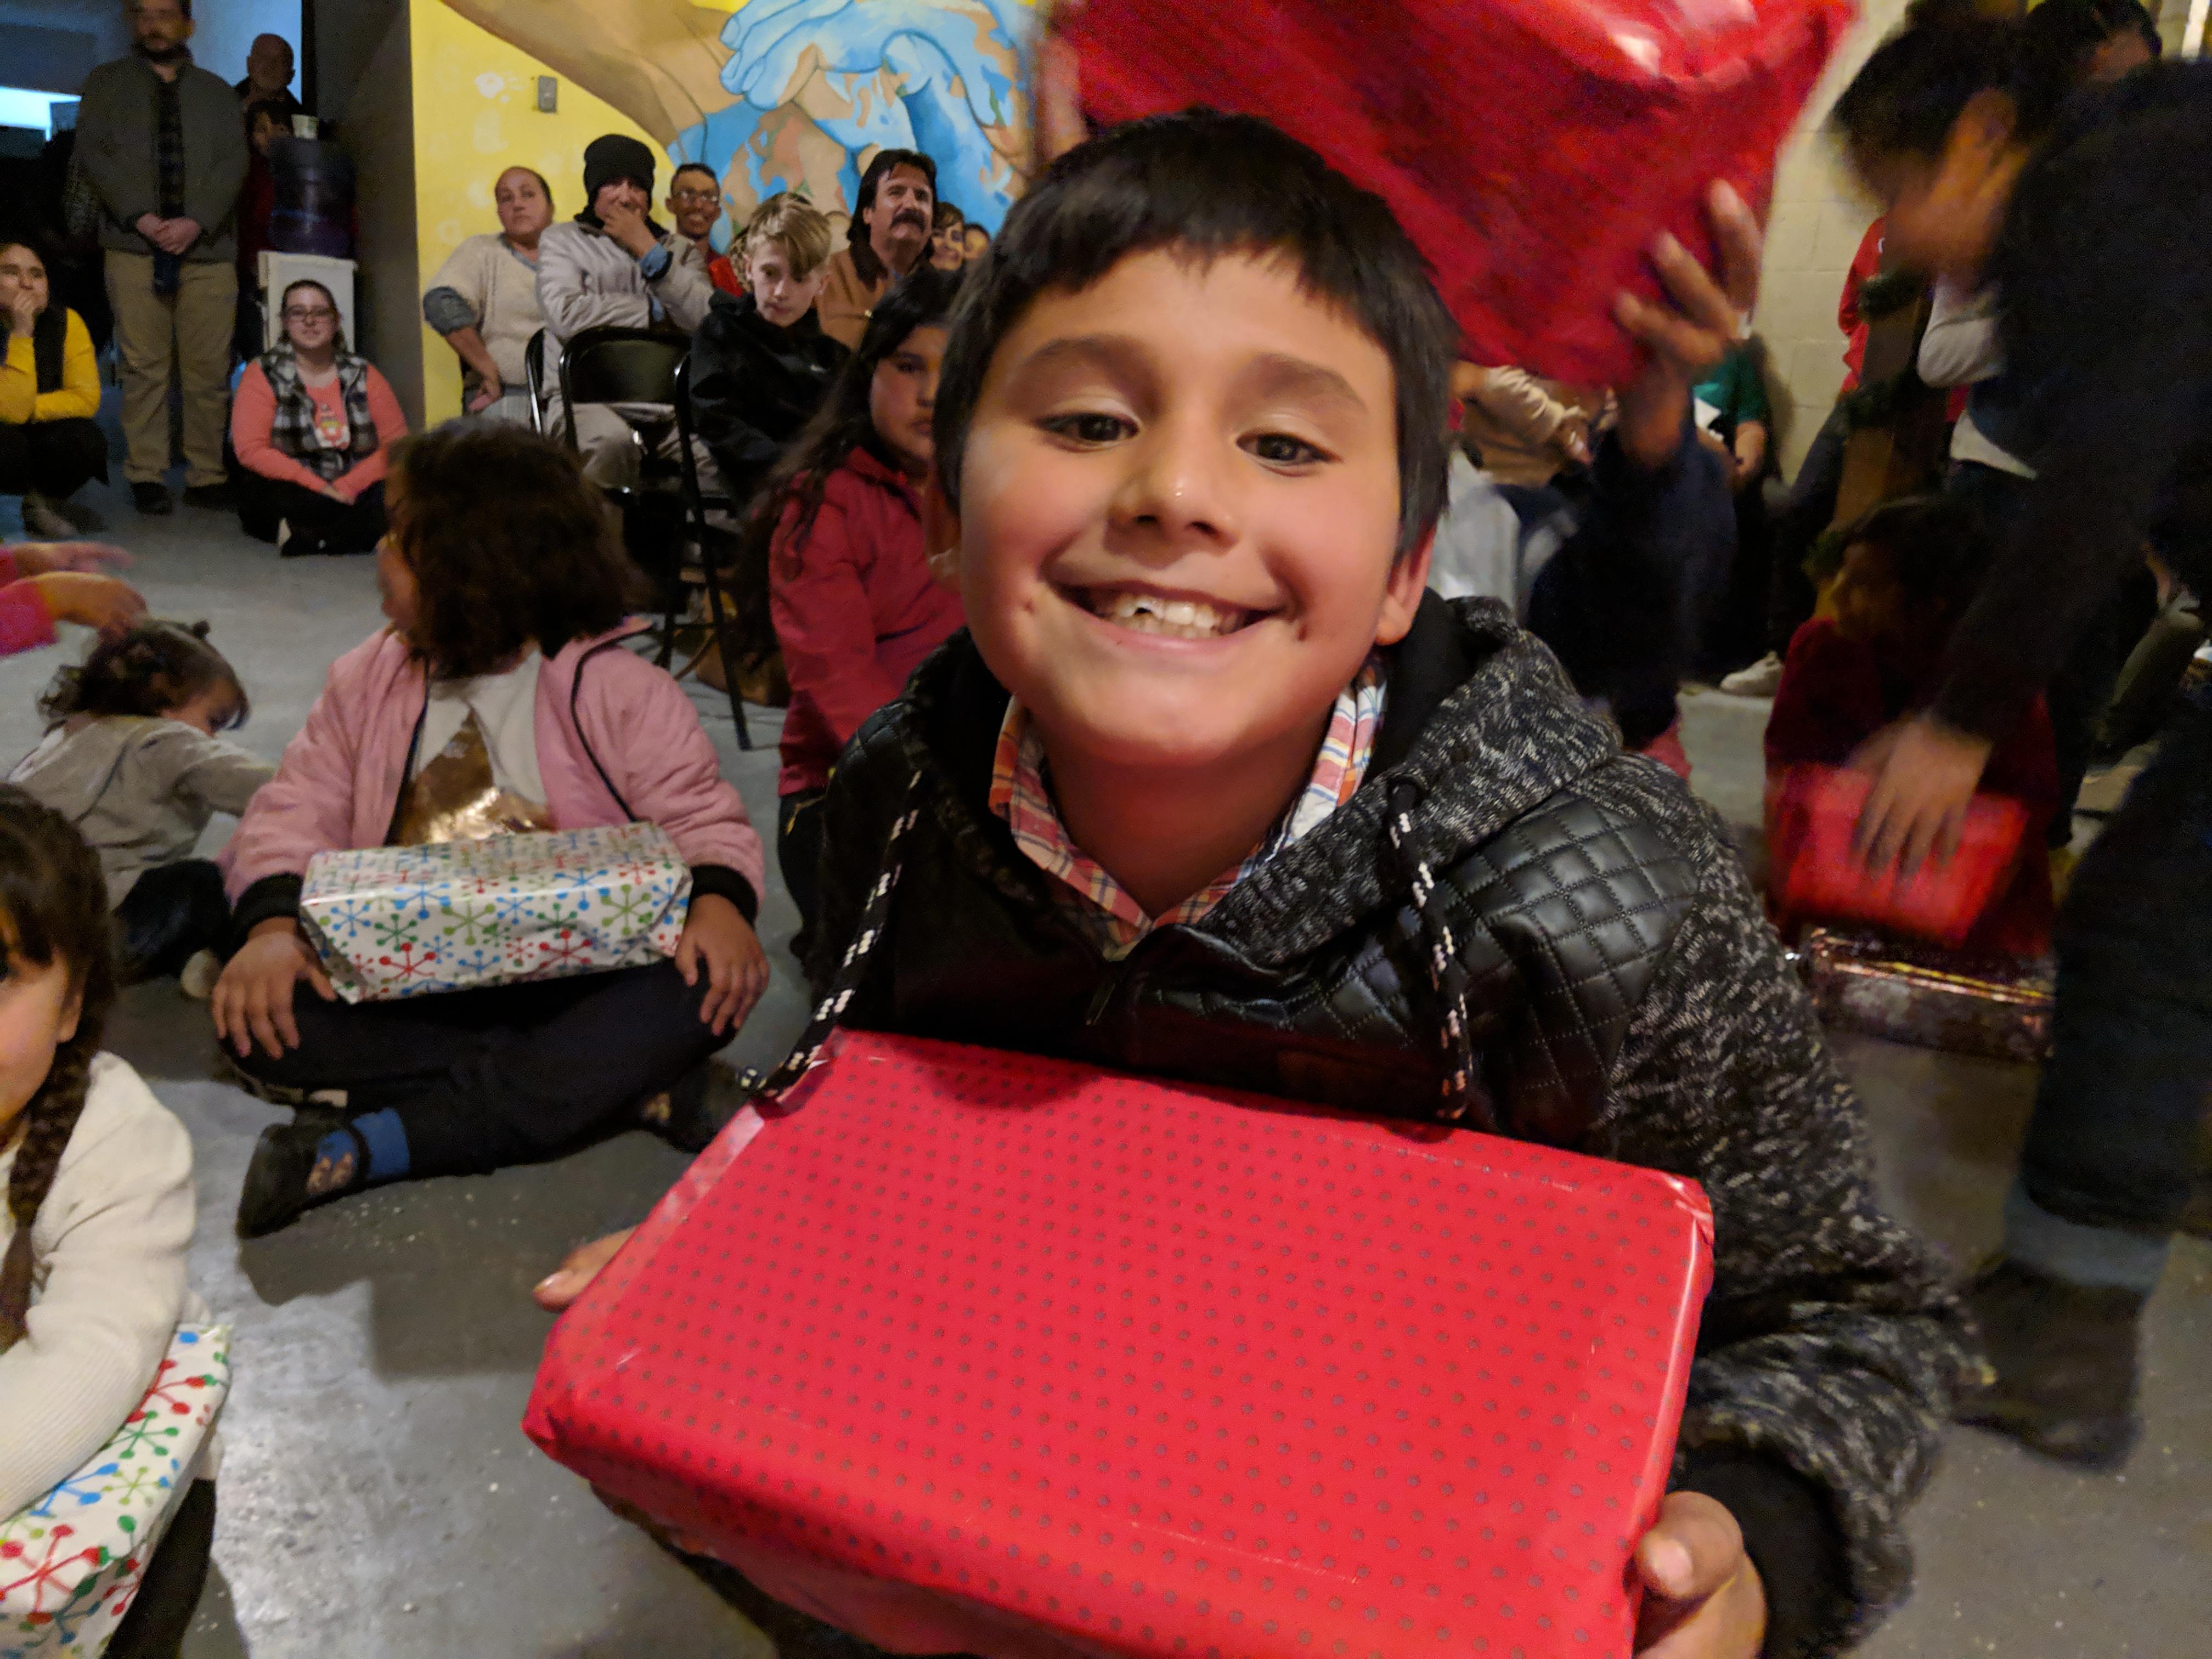 Student Brayan with Christmas gift